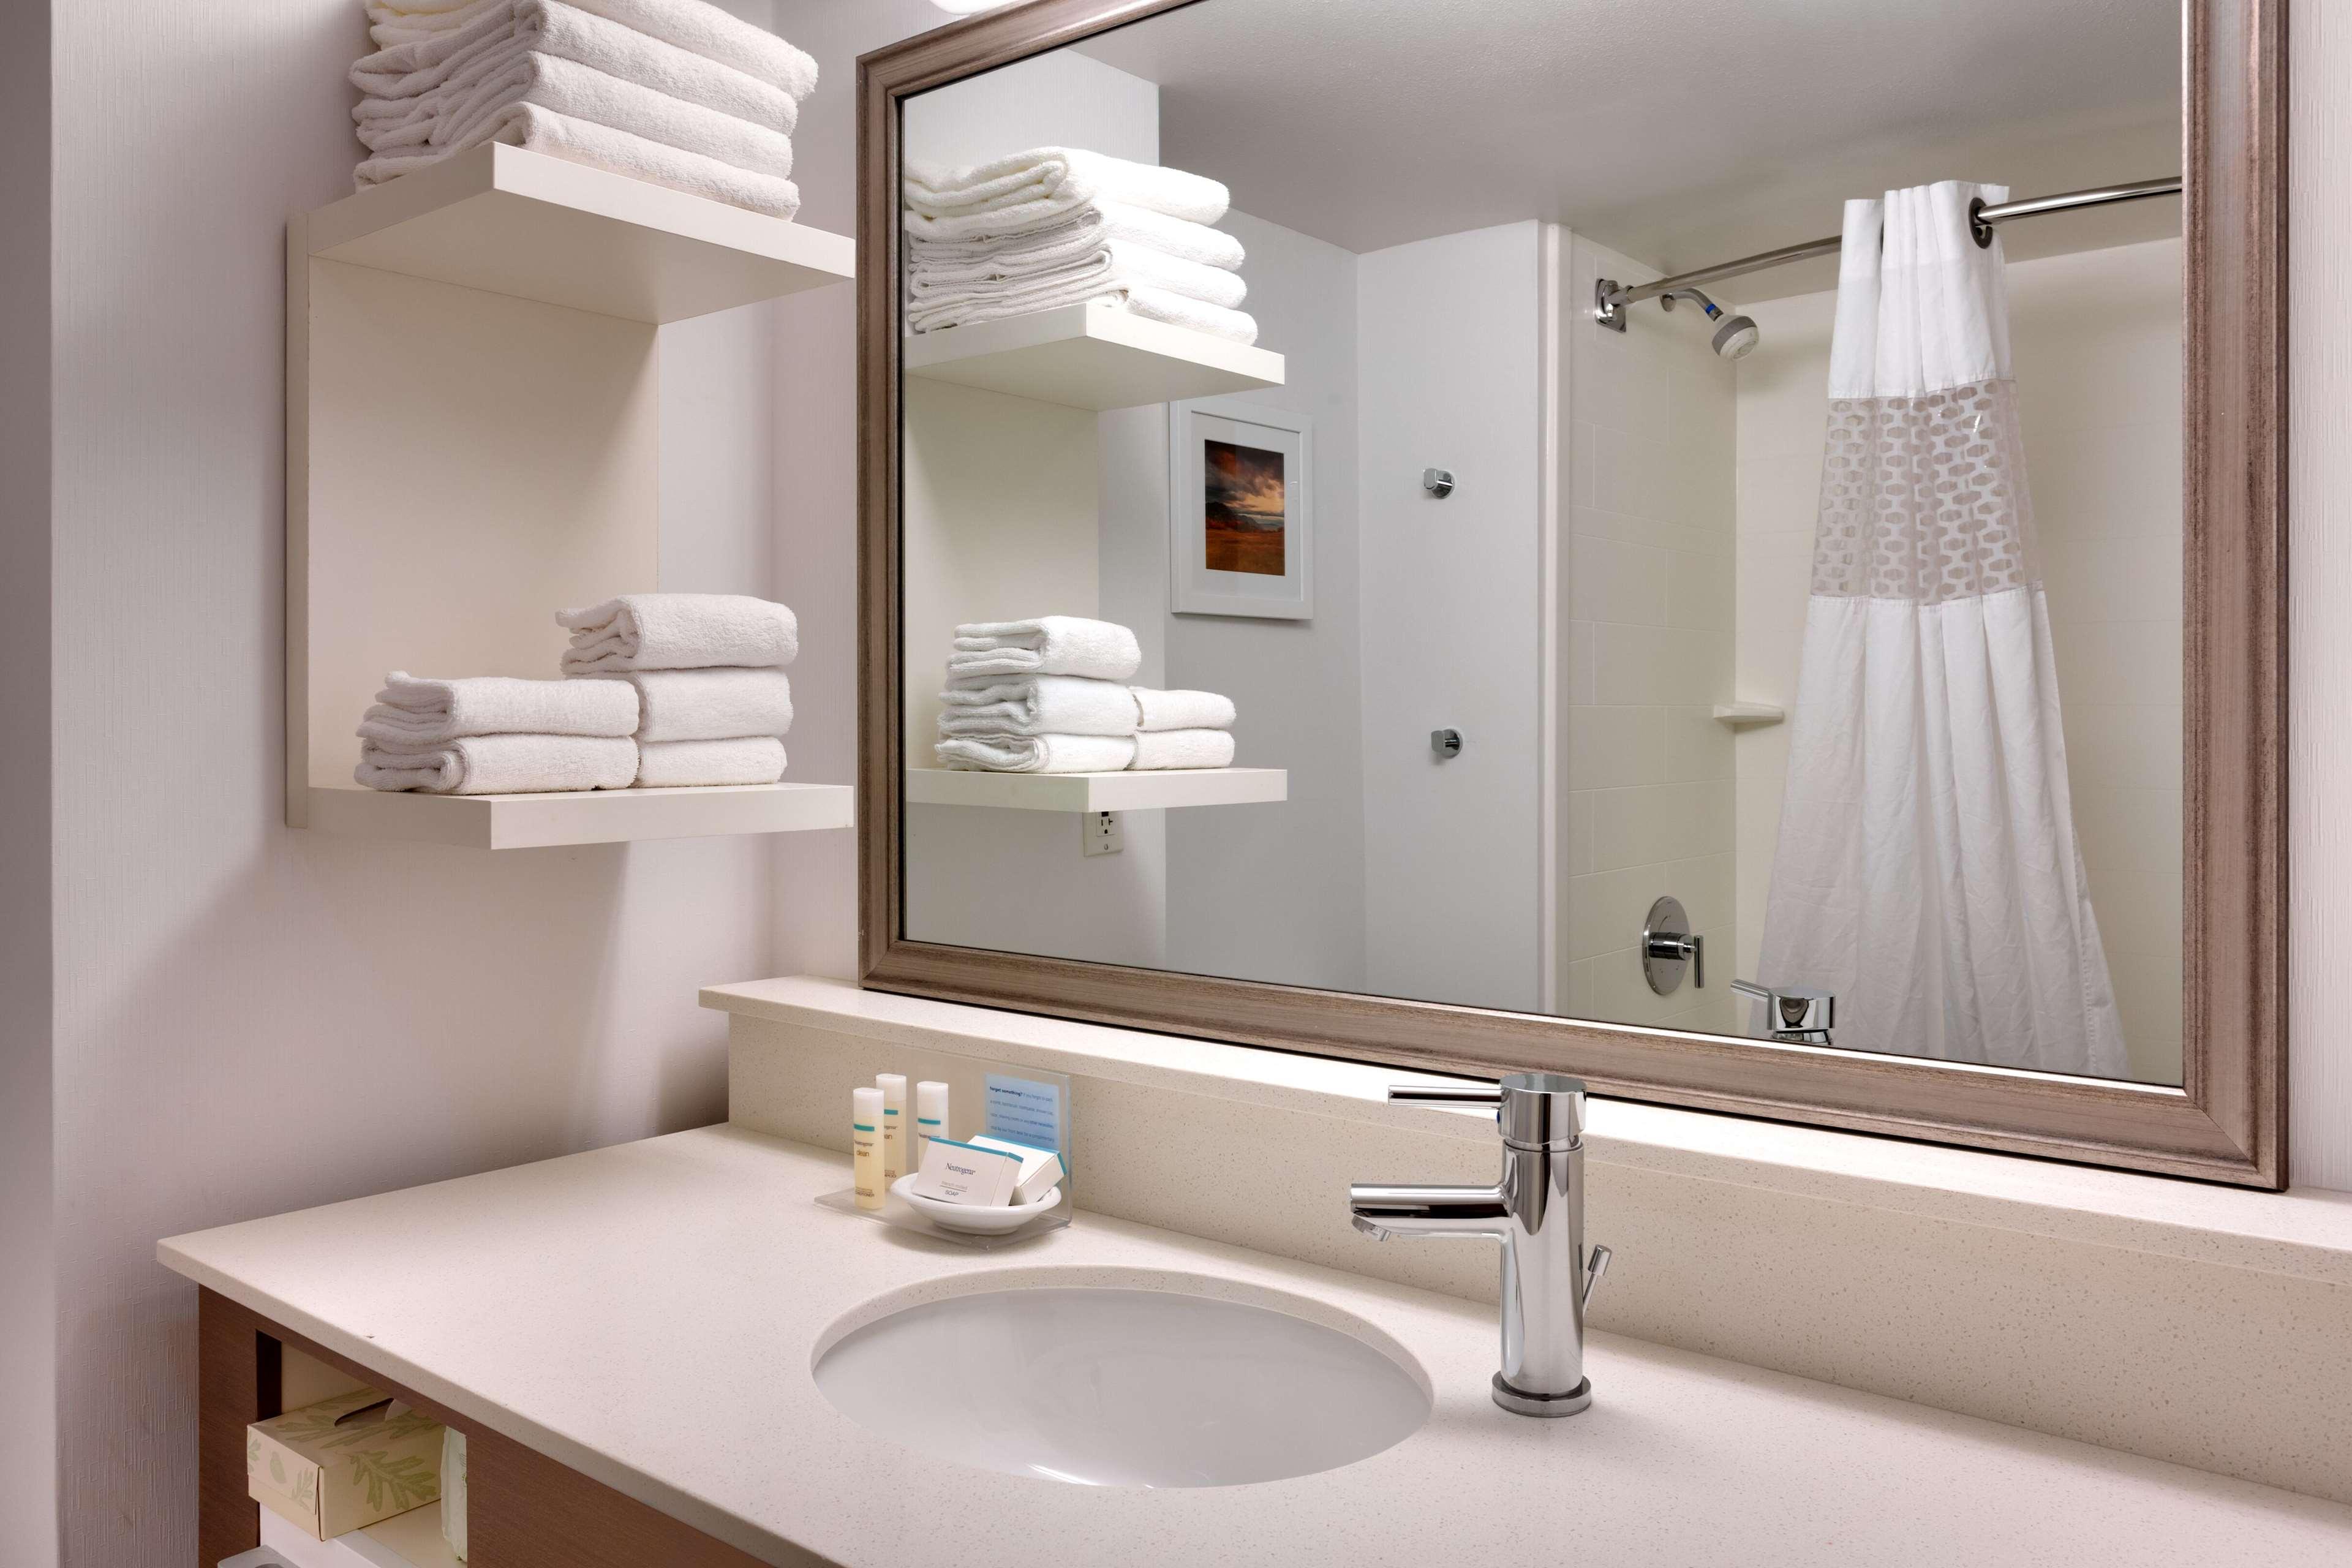 Hampton Inn & Suites Orem image 7